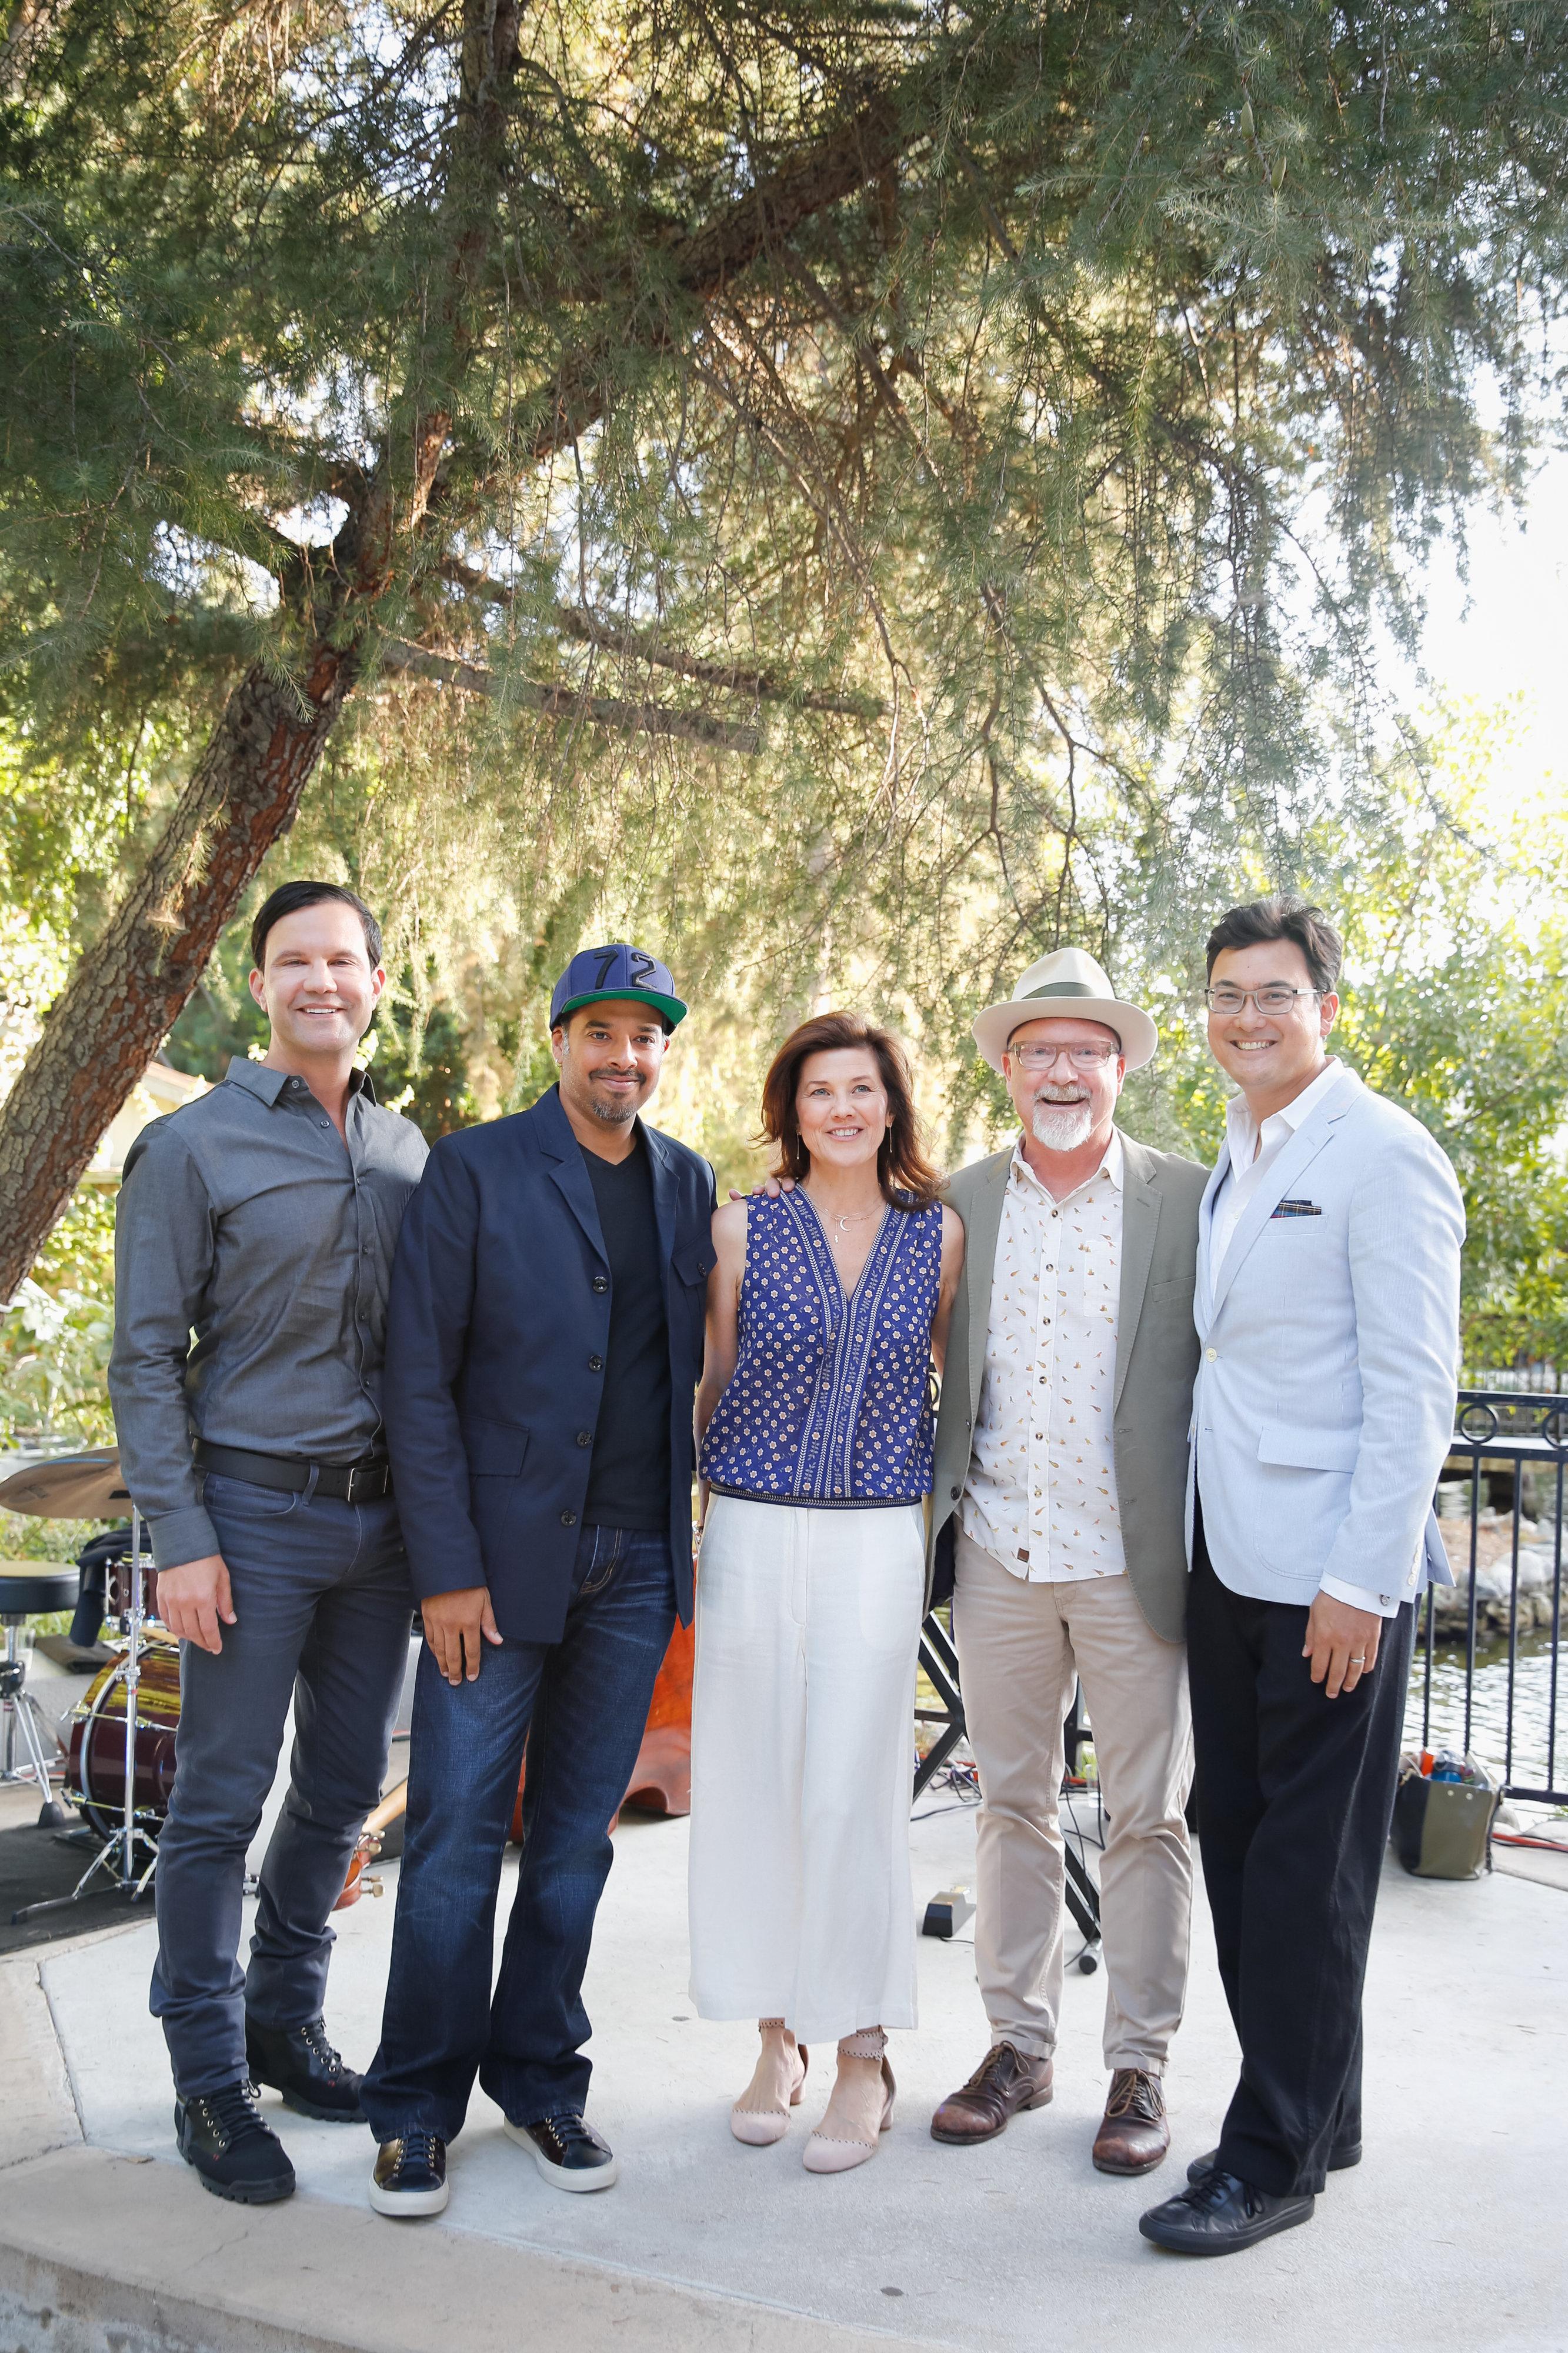 River_LA_Urban_Garden_Party_2017-RLA_Images-0300.jpg